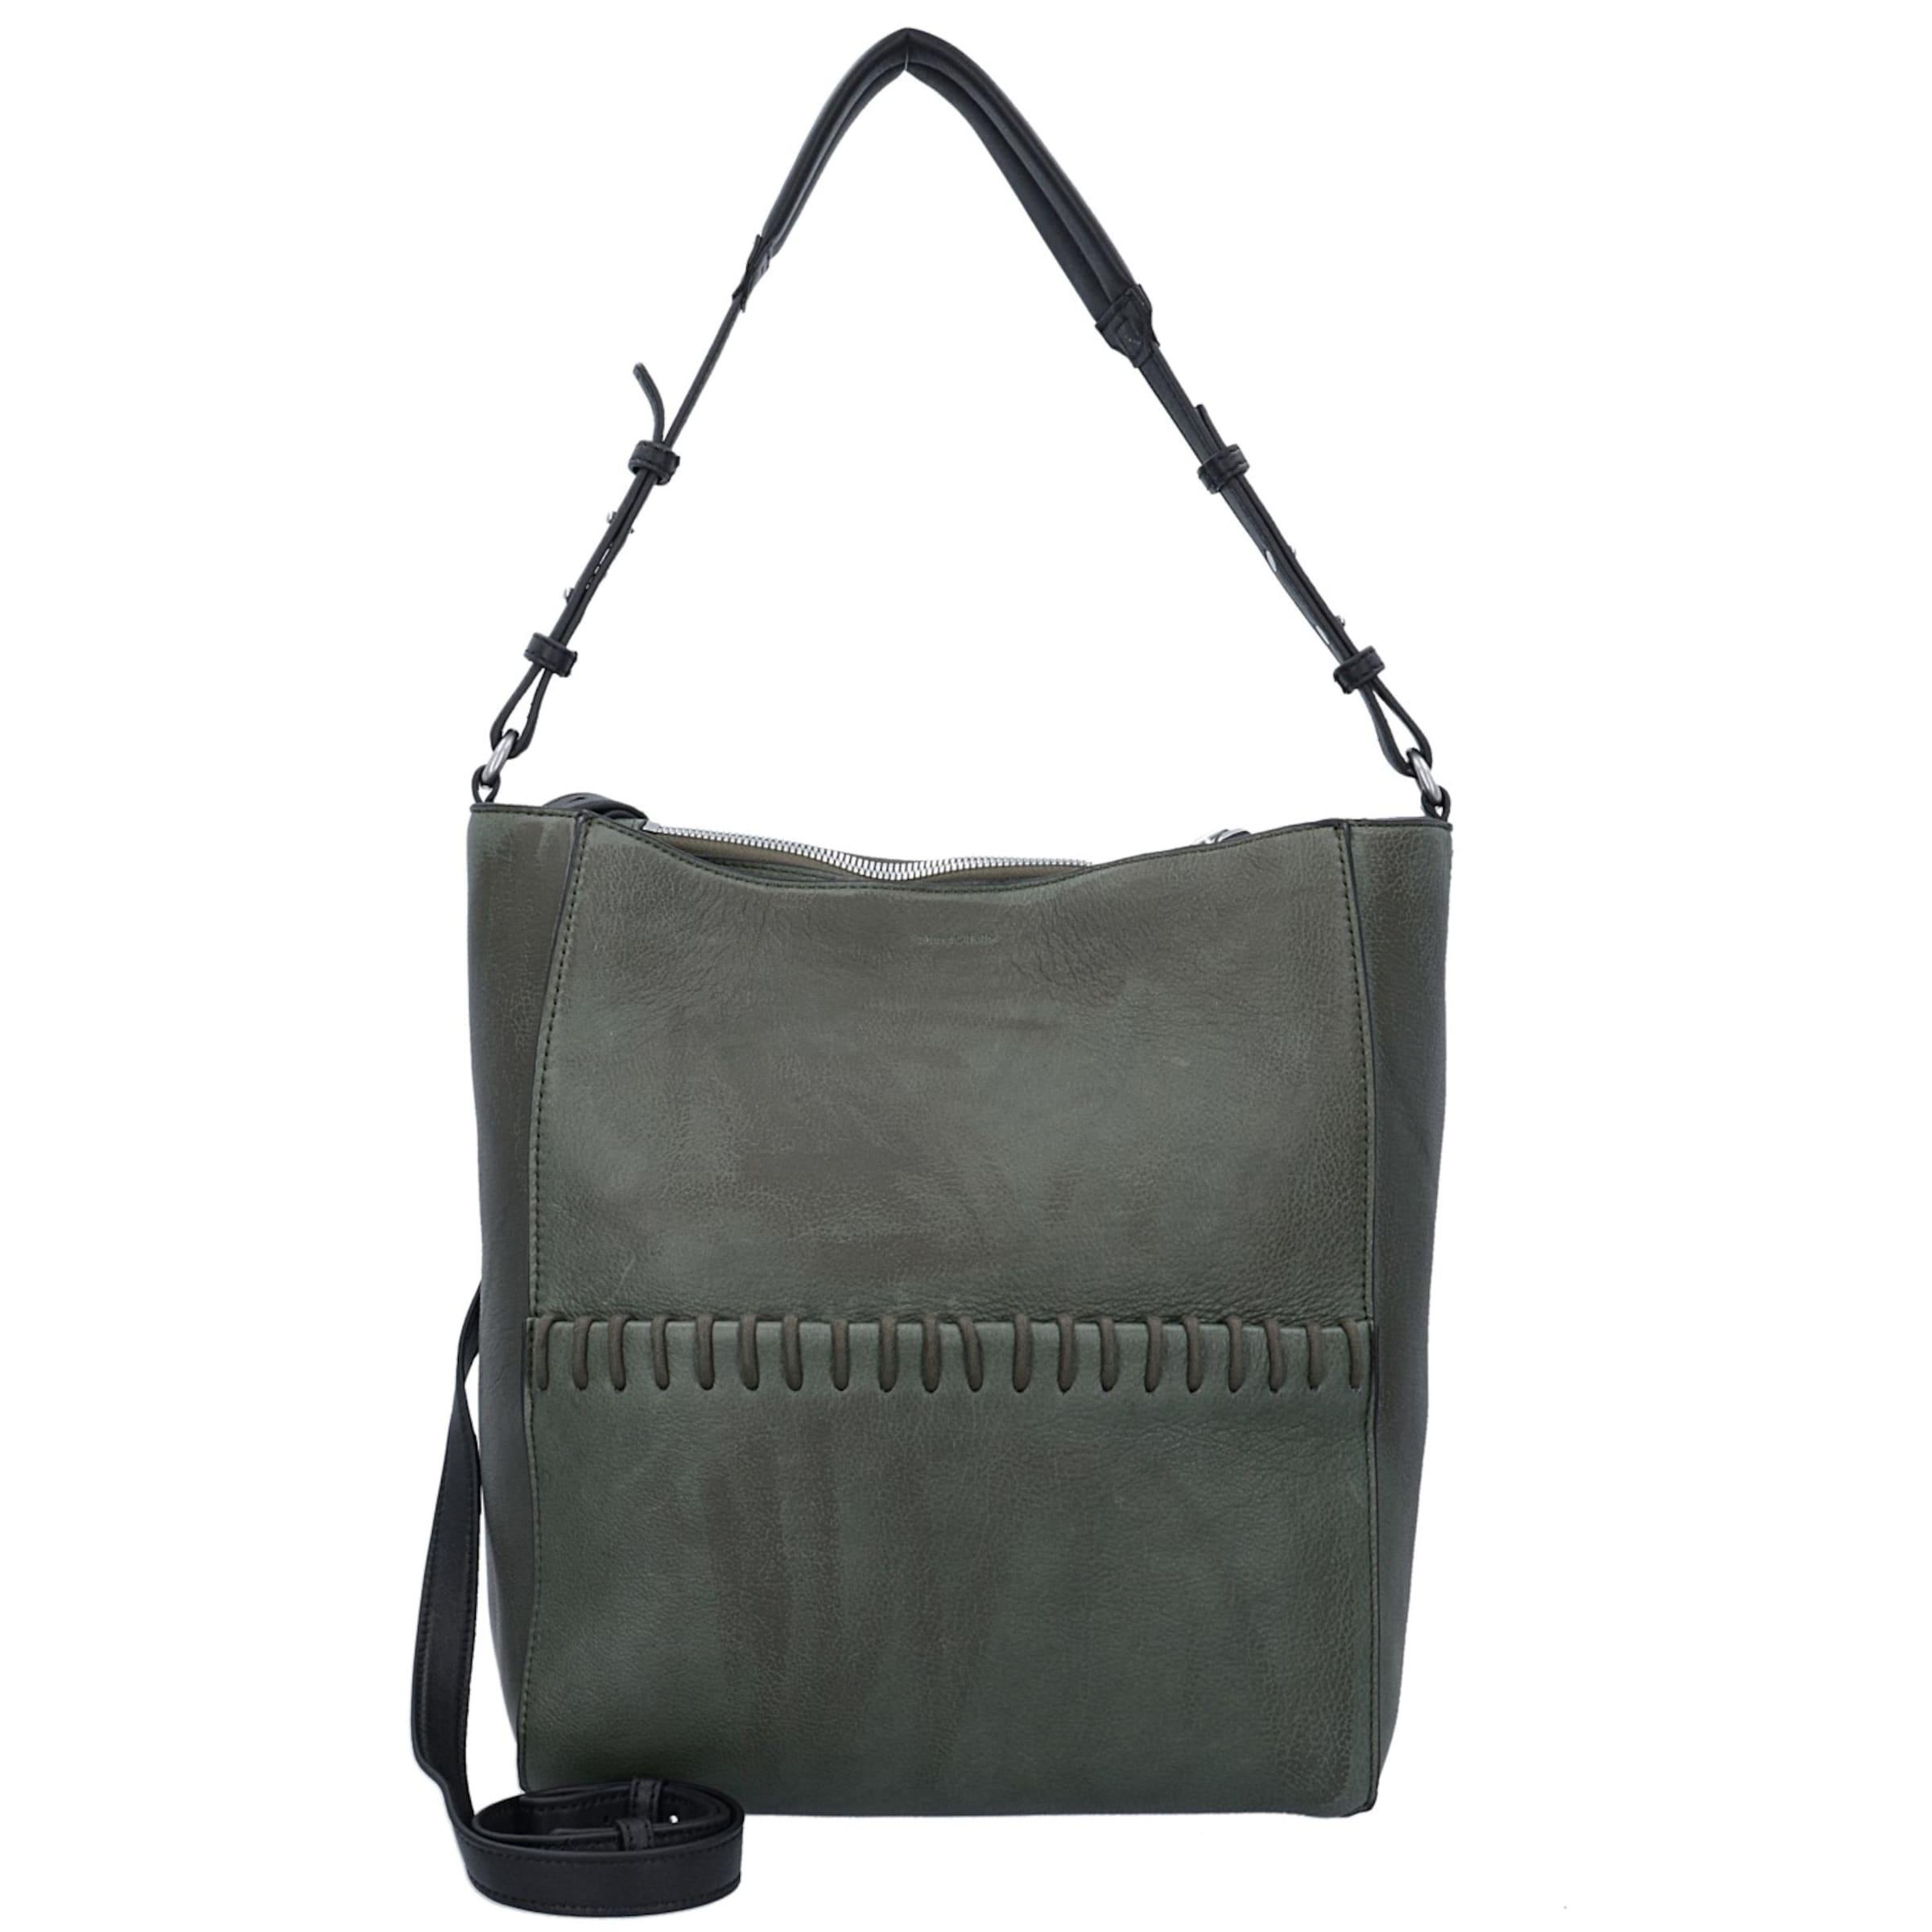 Spielraum Sehr Billig Bestes Großhandel Online Marc O'Polo 'Thirtyone' Schultertasche Leder - 41 cm' Shop Für Günstige Online Angebote Online AXd2YfCl7S